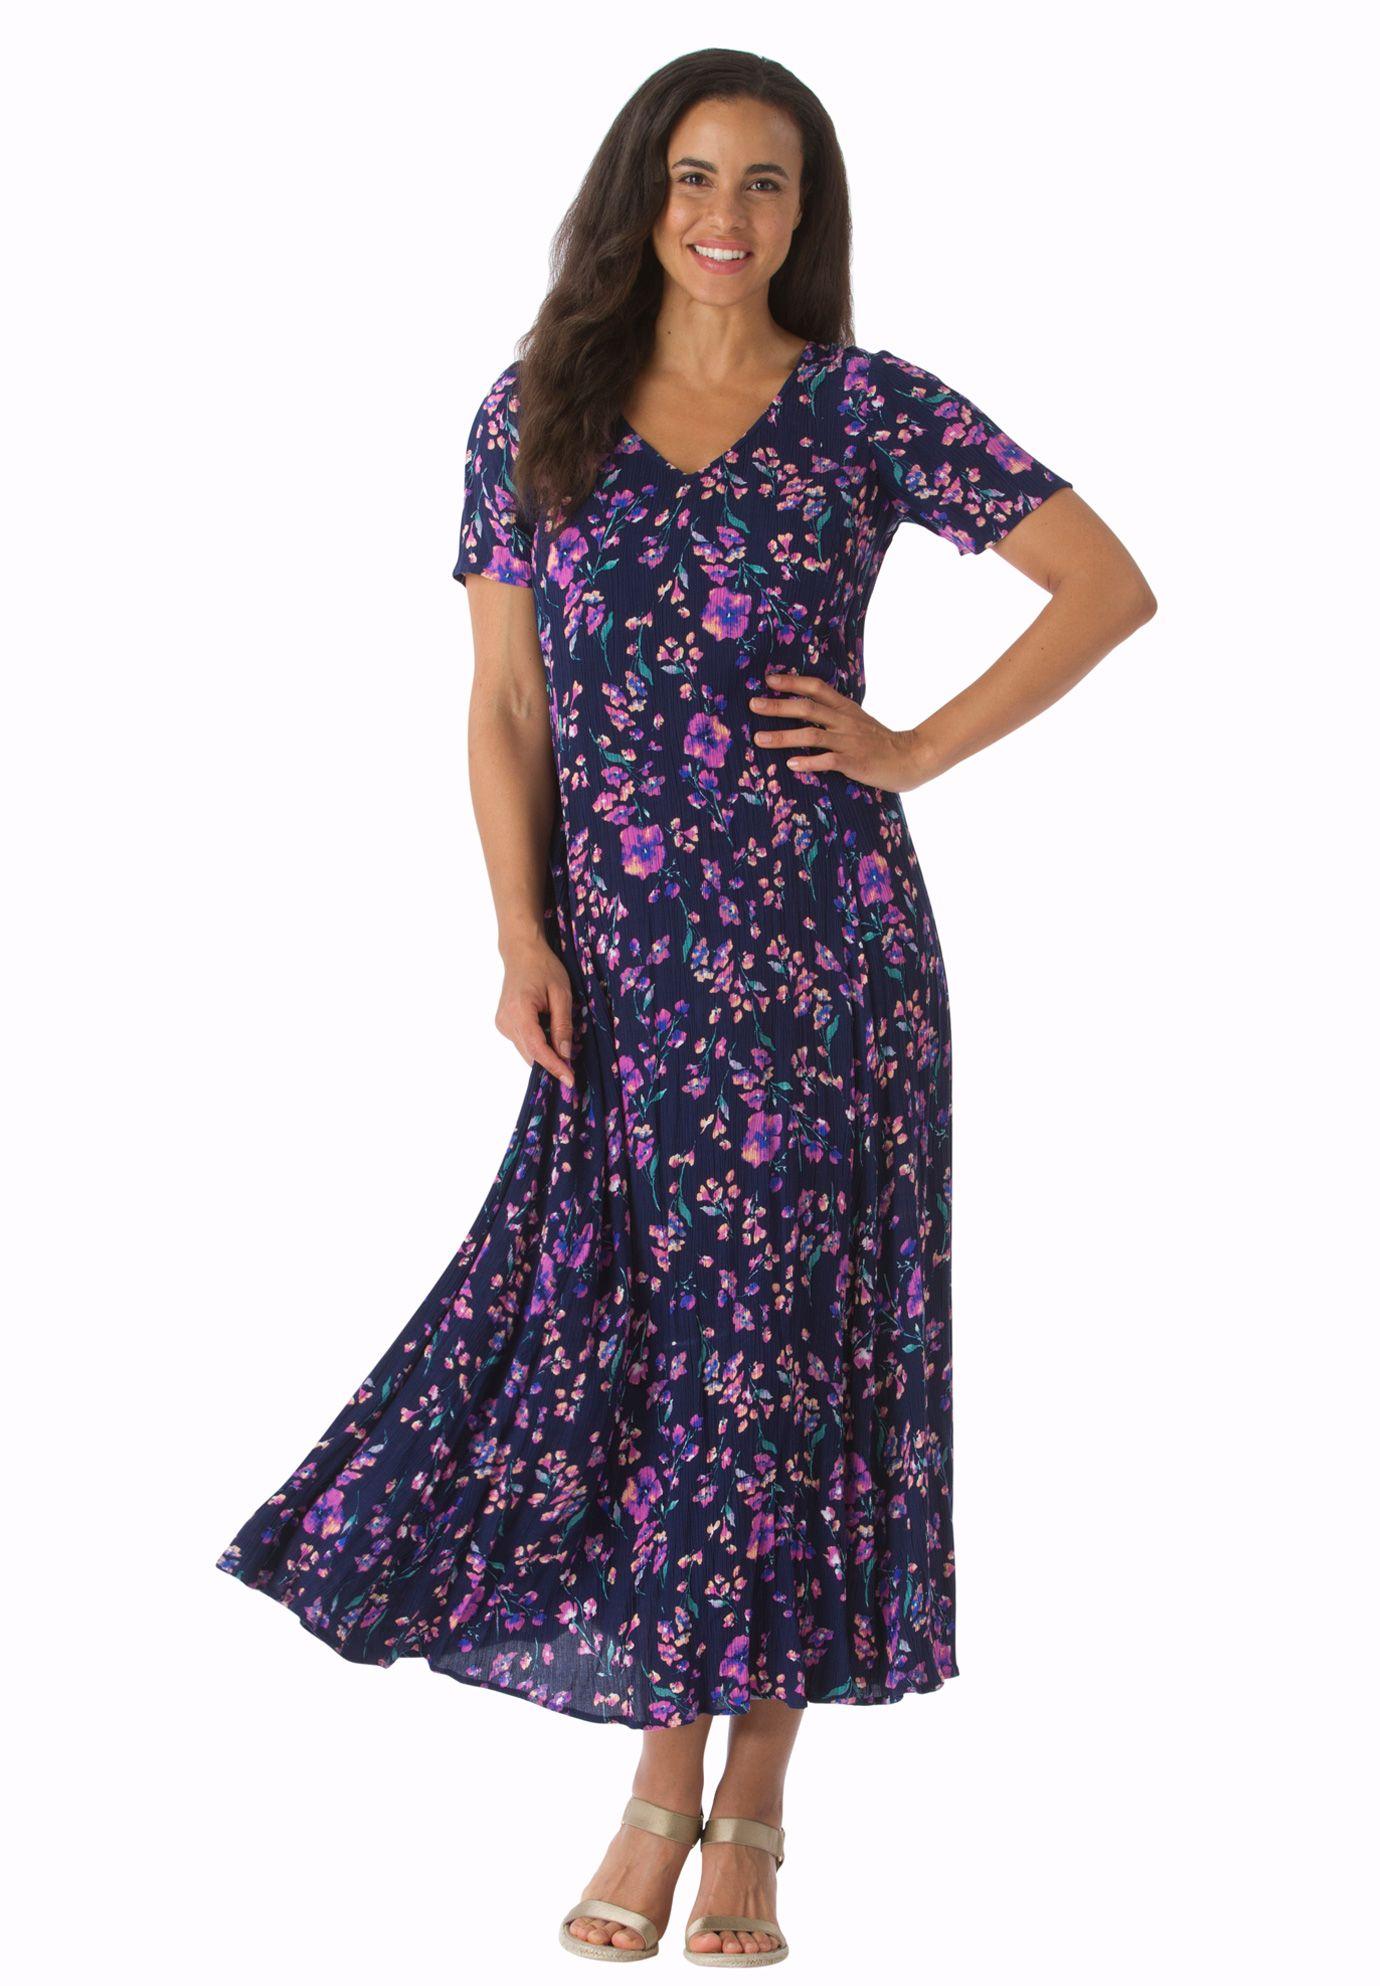 Short Sleeve Crinkle Dress Crinkled Maxi Dress Plus Size Petite Dresses Plus Size Dresses